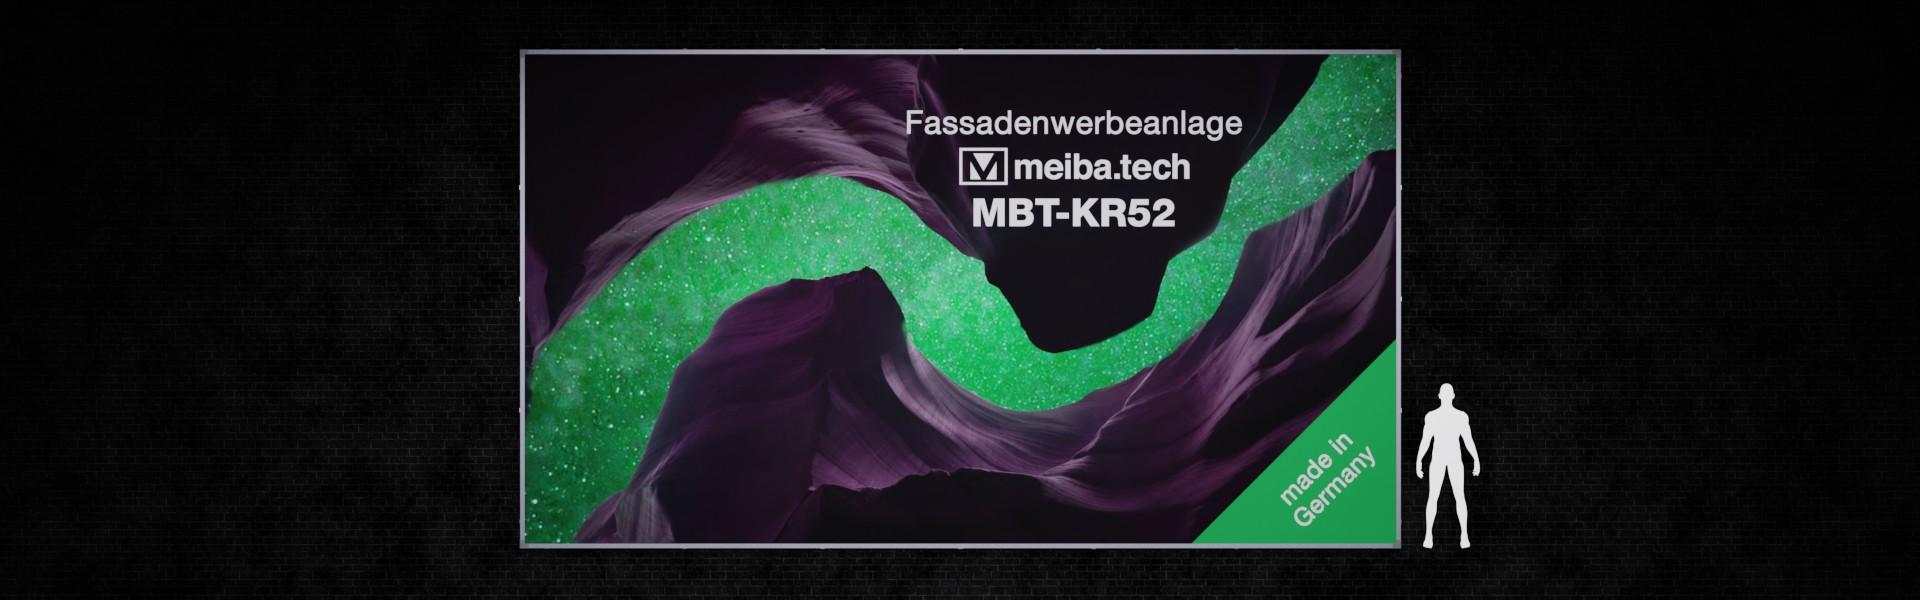 Werbeanlage MBT-KR52 für langfristige Bannerwerbung an Fassaden, Frontansicht und Größenvergleich